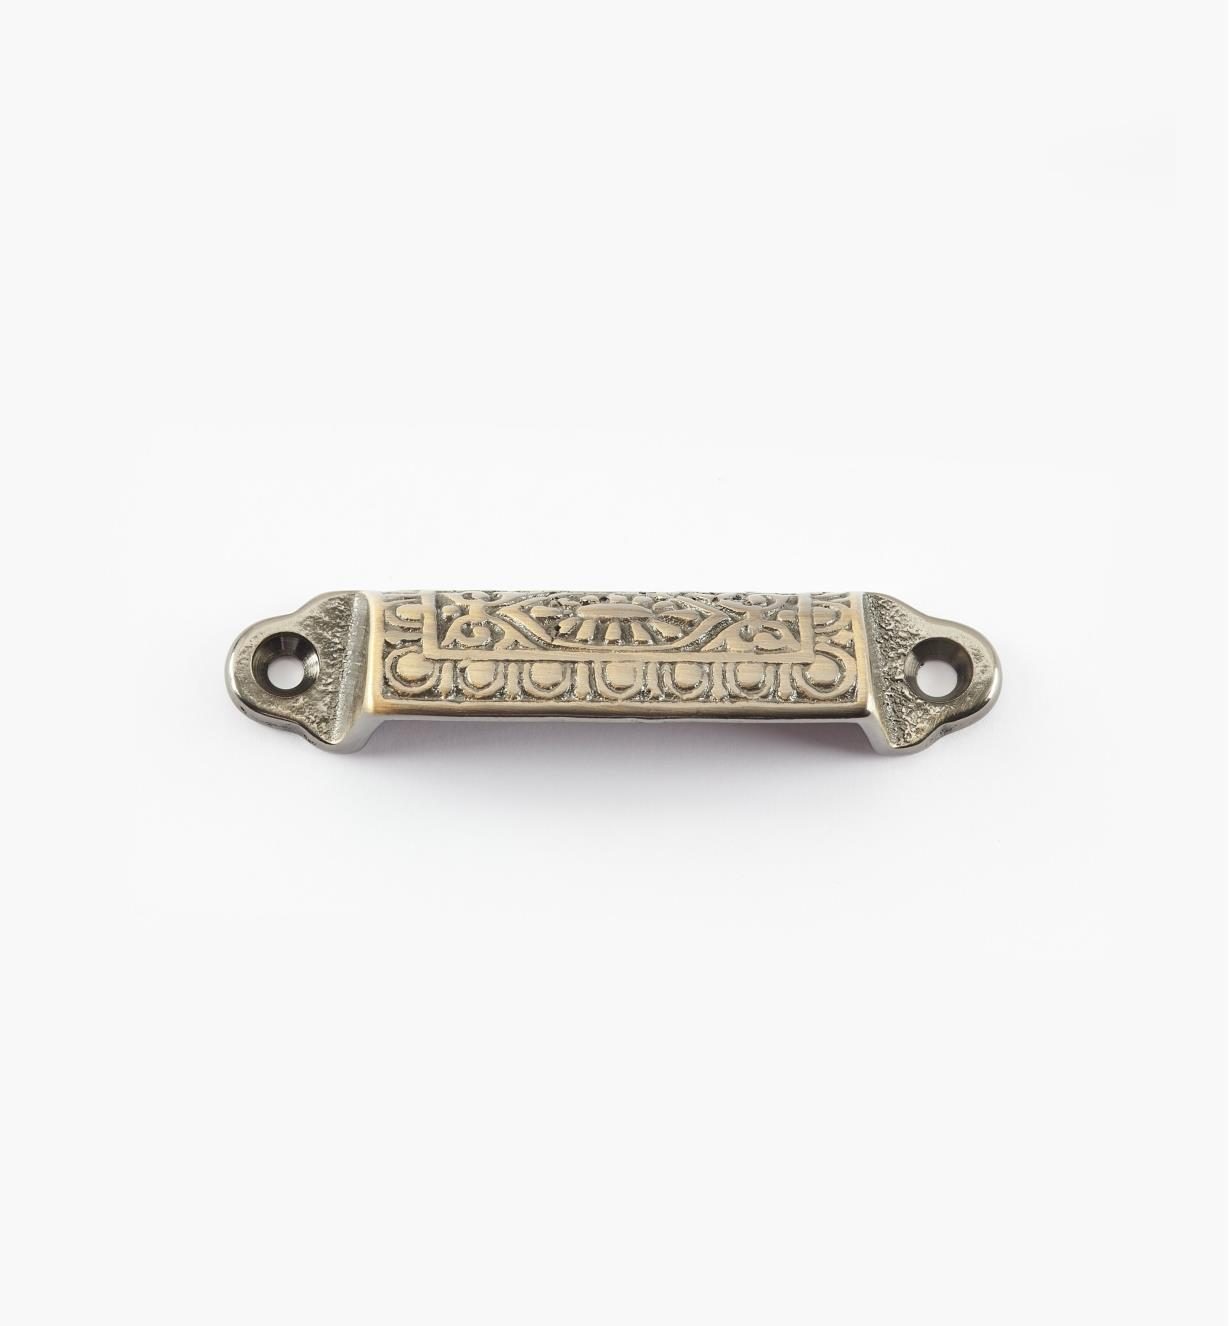 02W2650 - 83mm 1/4 Round Pull